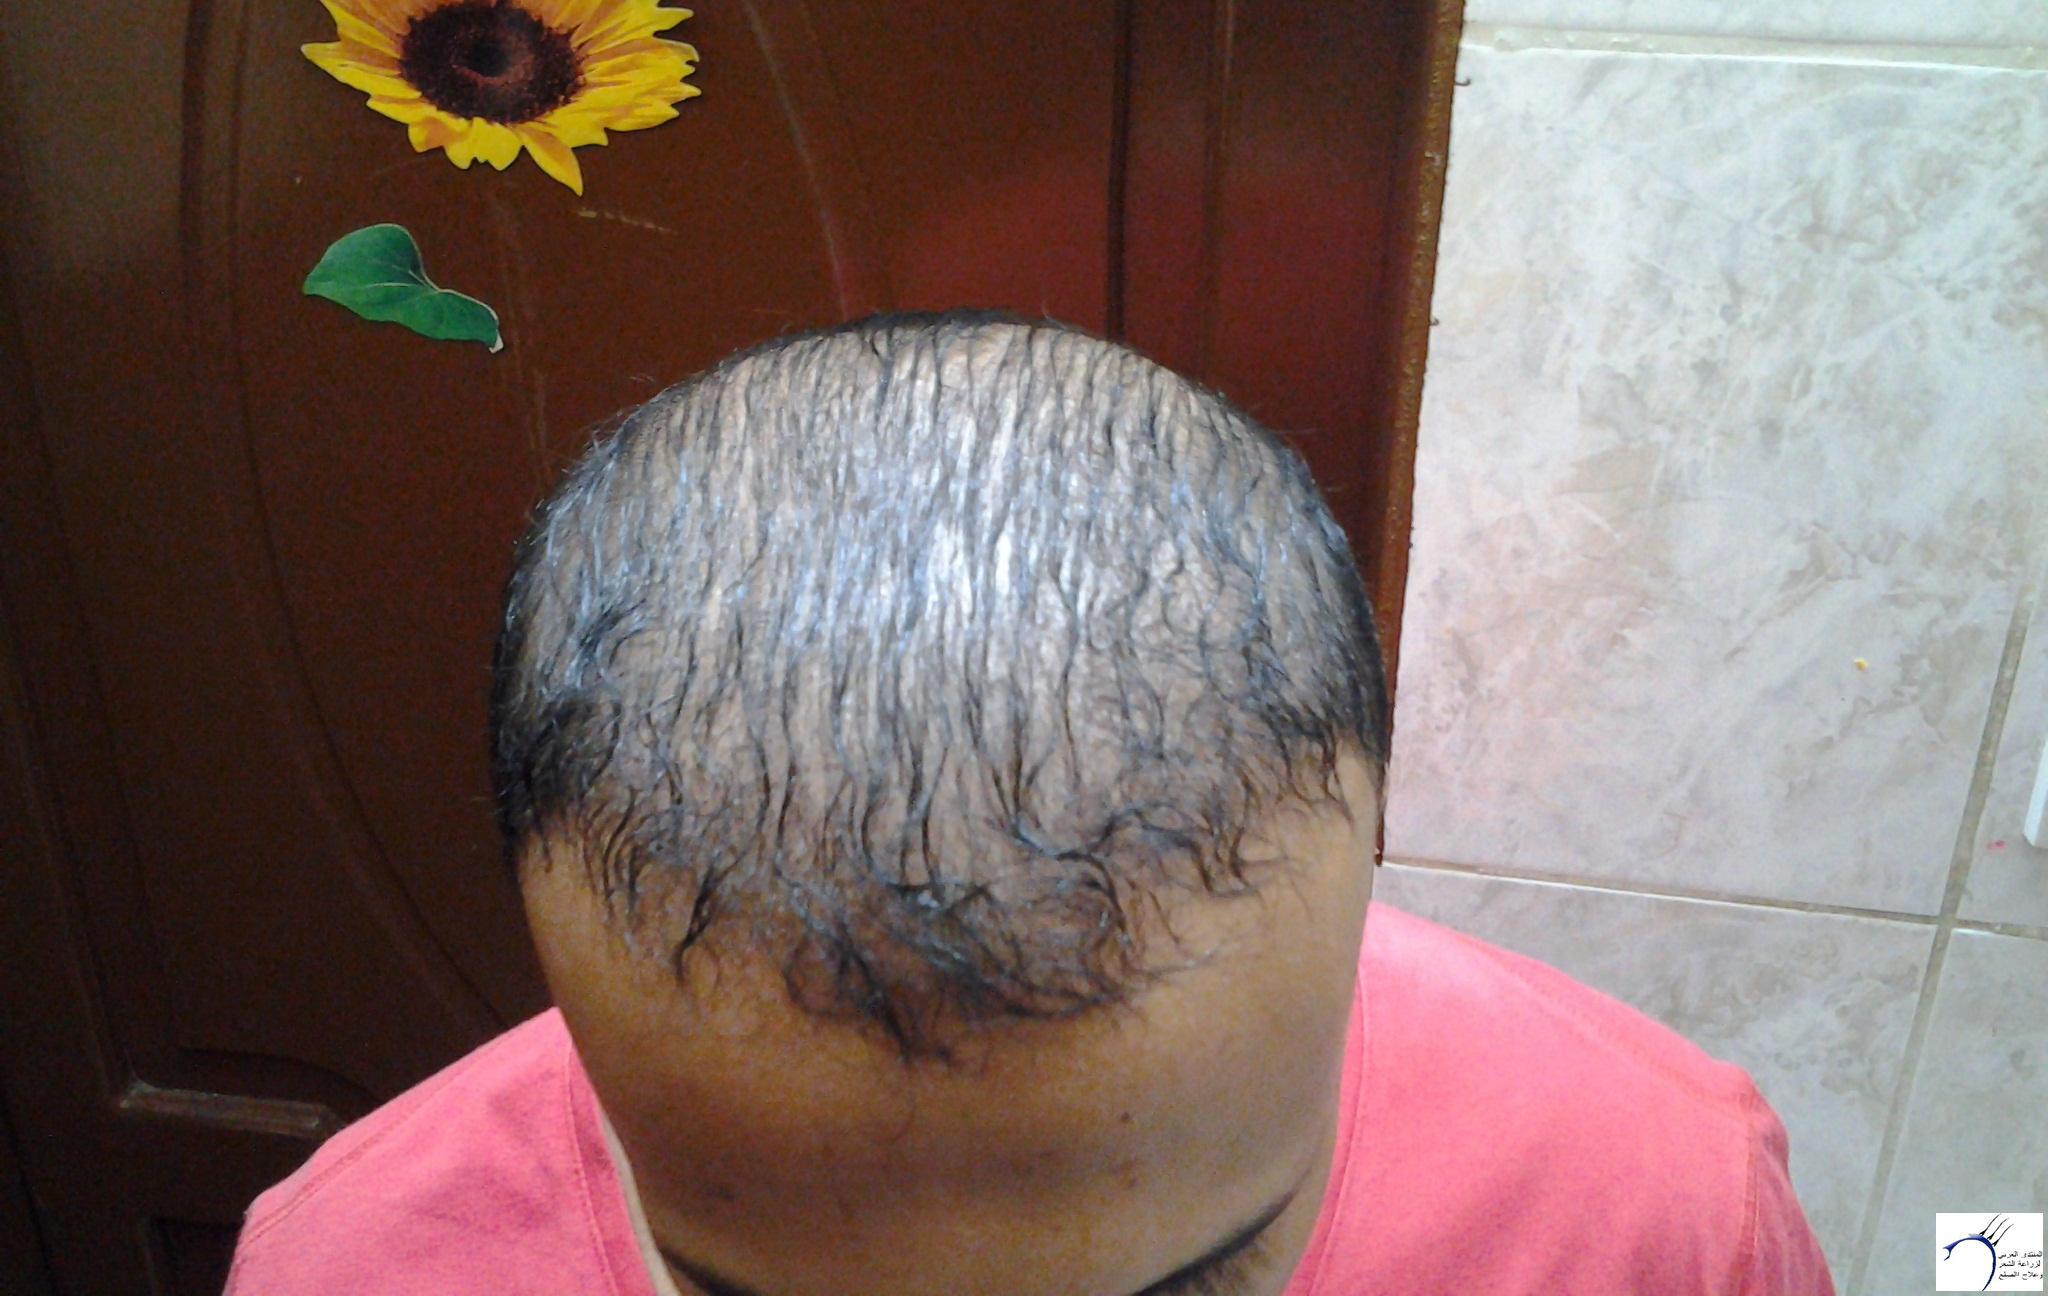 الدكتور (تحديث السابع) www.hairarab.com8061